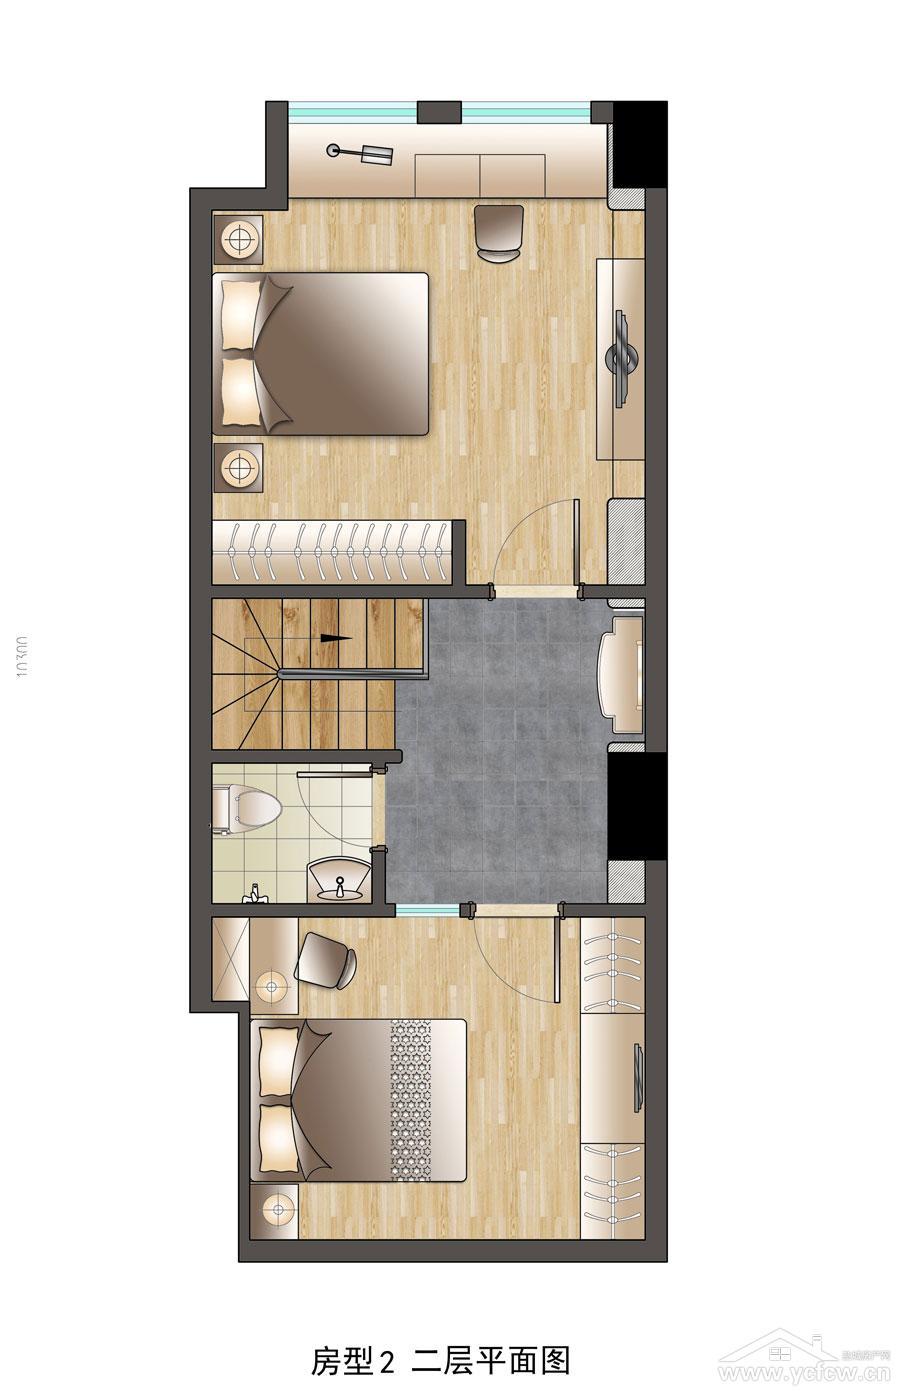 房型2二层平面图